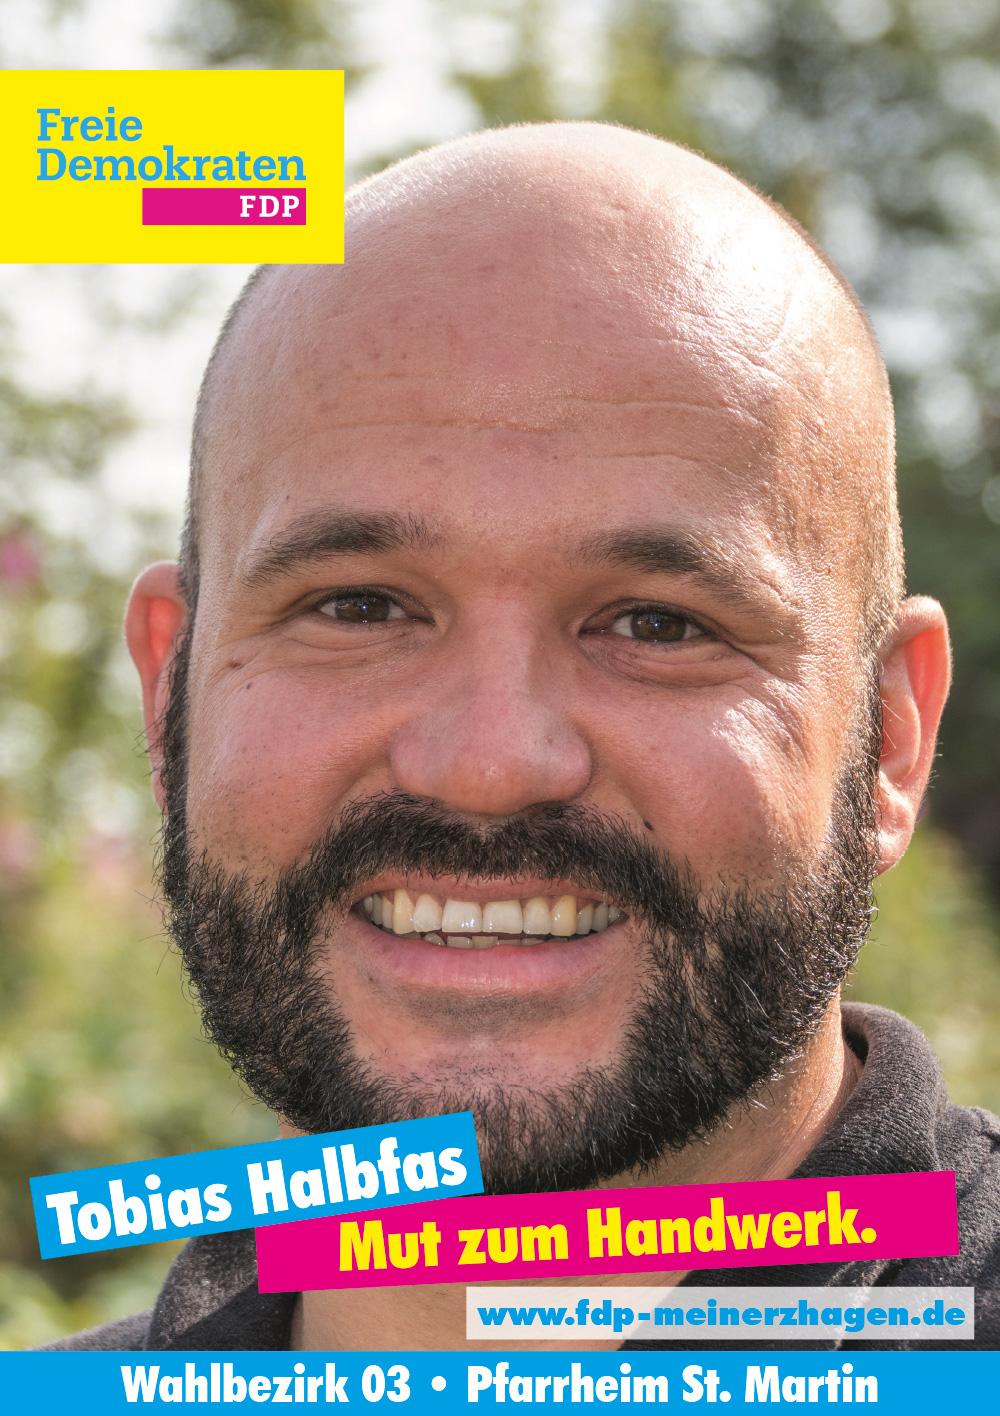 Wahlbezirk 03: Tobias Halbfas